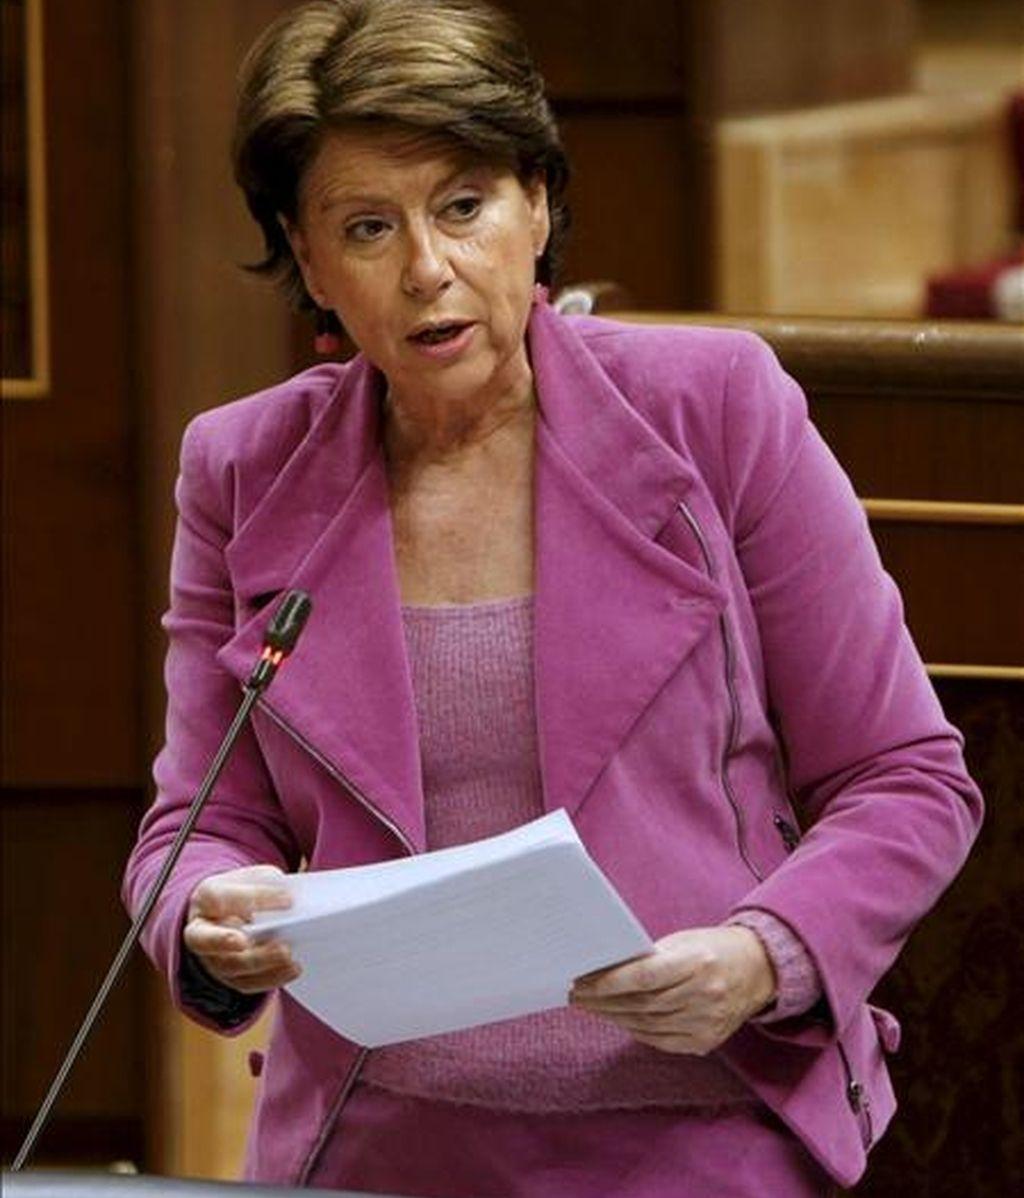 La ministra de Fomento, Magdalena Álvarez, durante su intervención en la sesión de control al Ejecutivo que tuvo lugar hoy en la Cámara baja. EFE